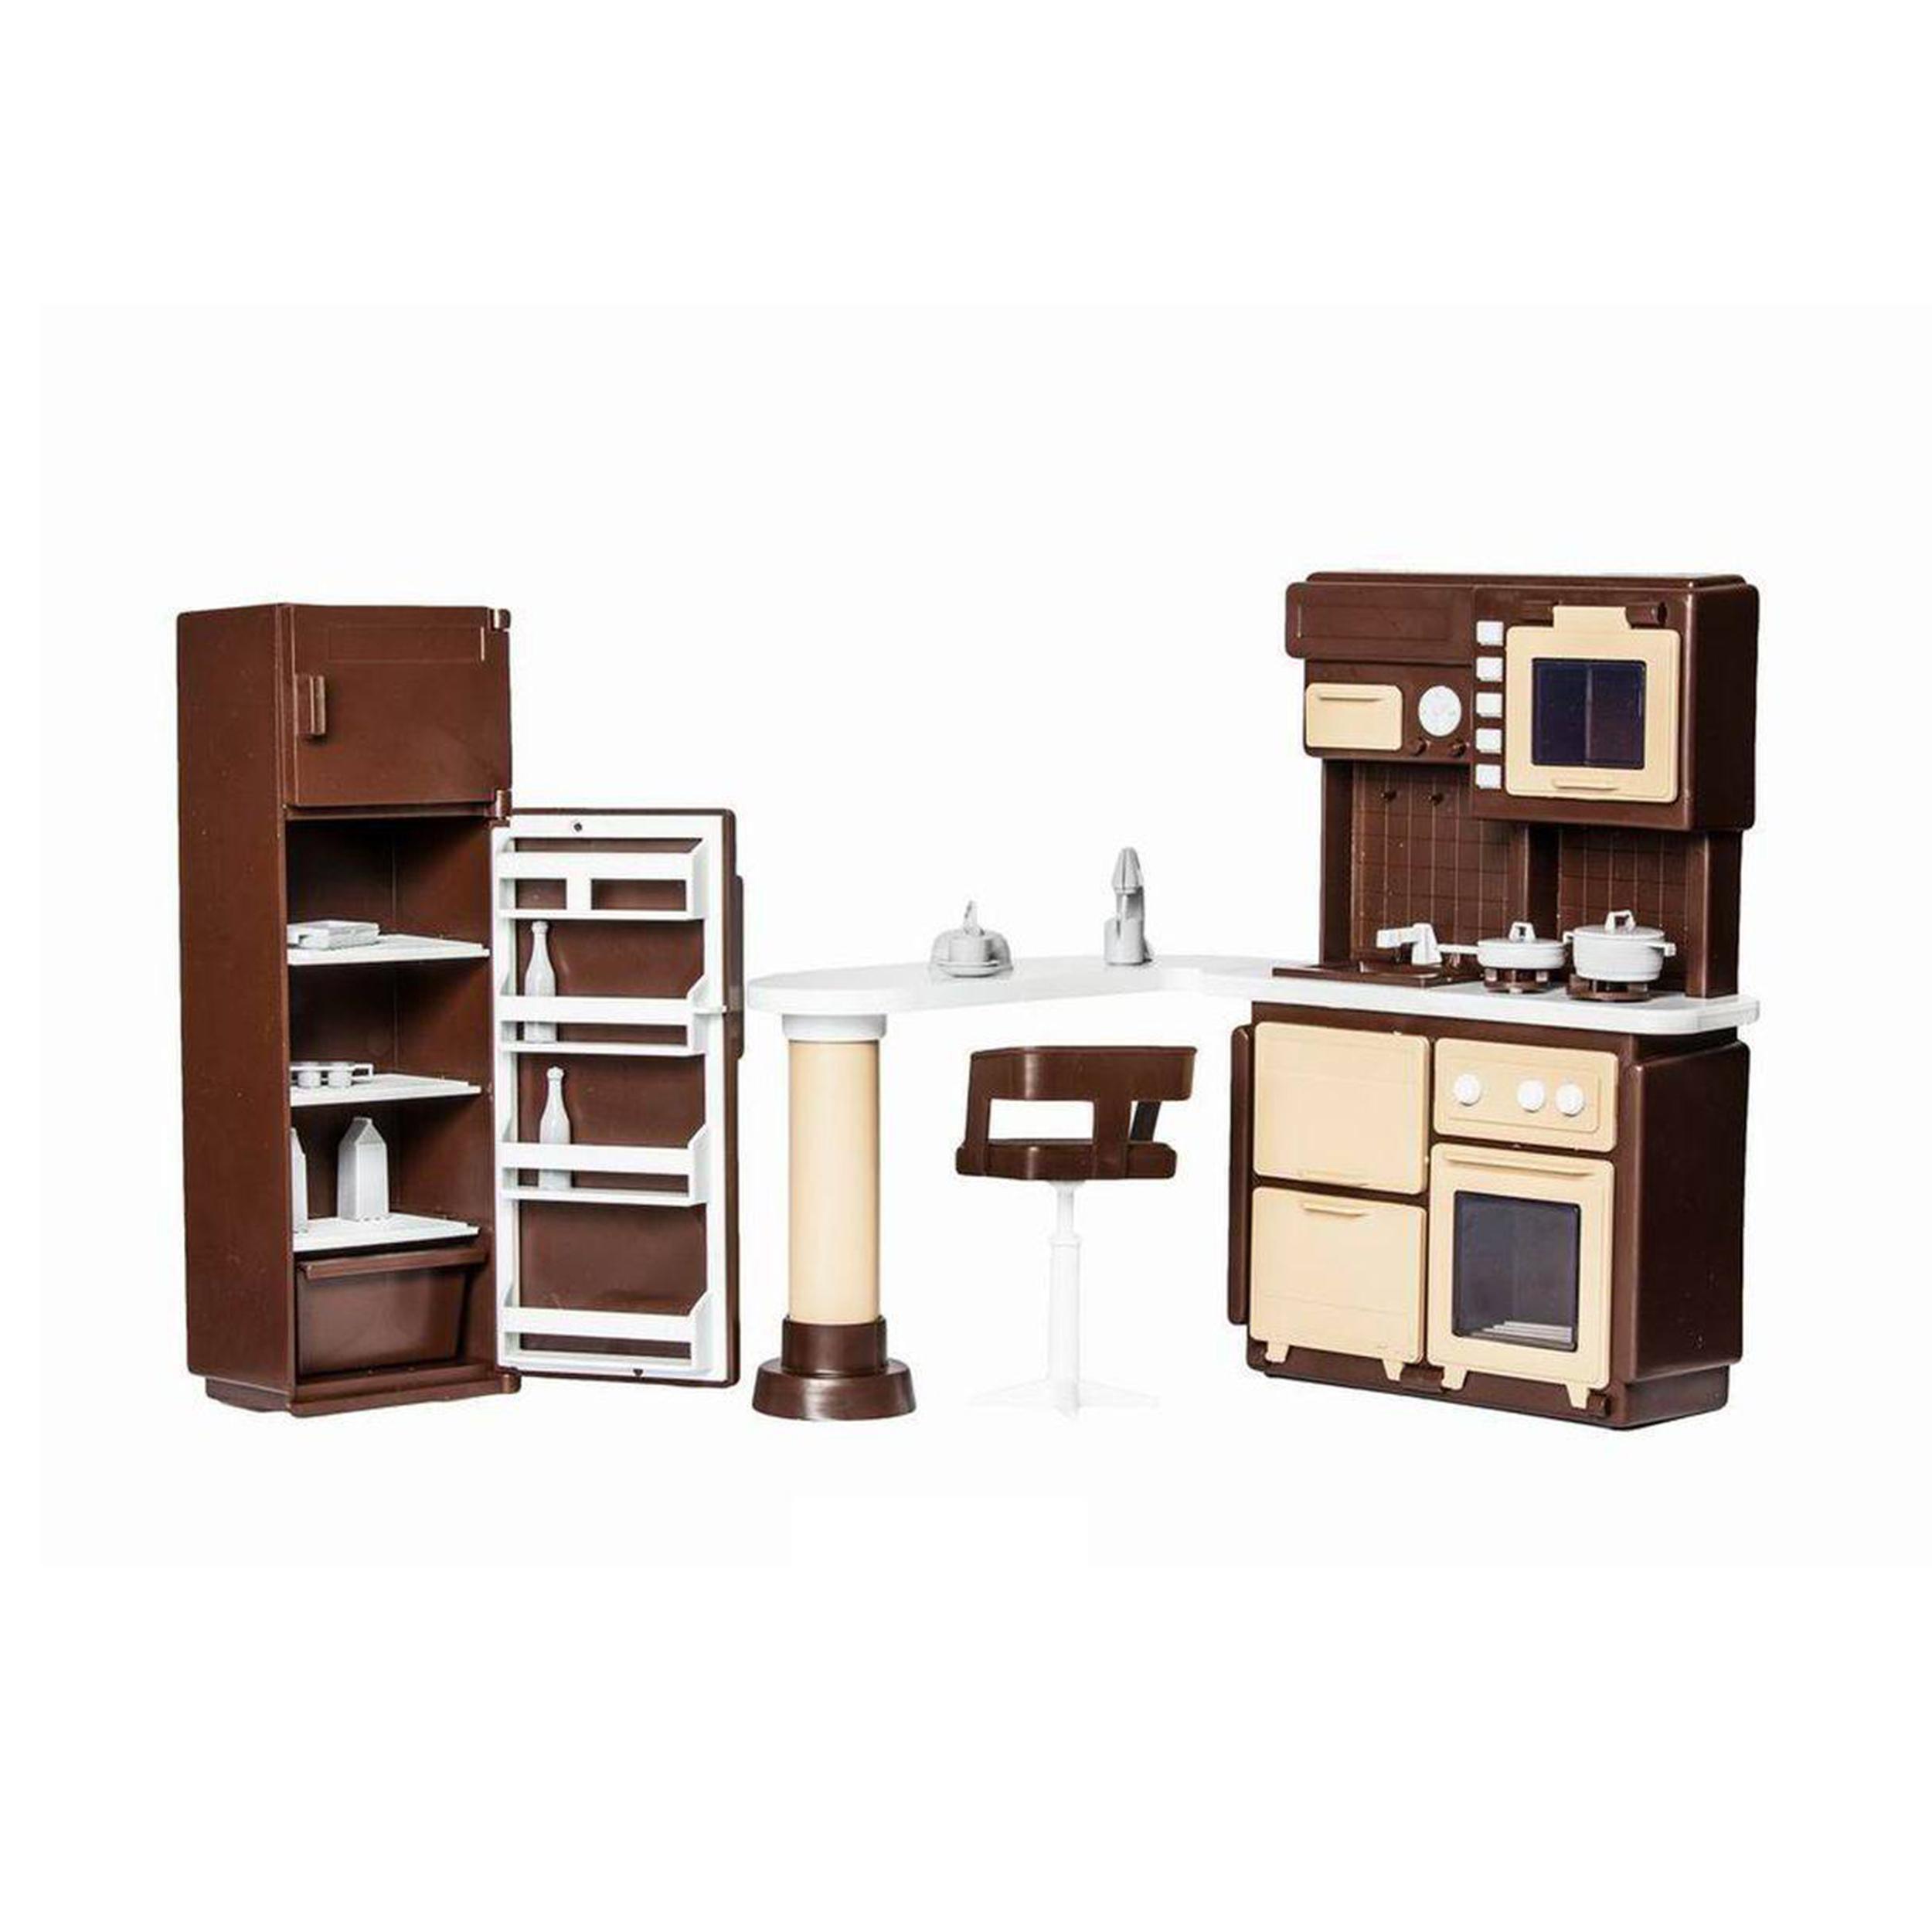 Фото - Игровой набор Огонек Коллекция. Мебель для кухни все для кухни